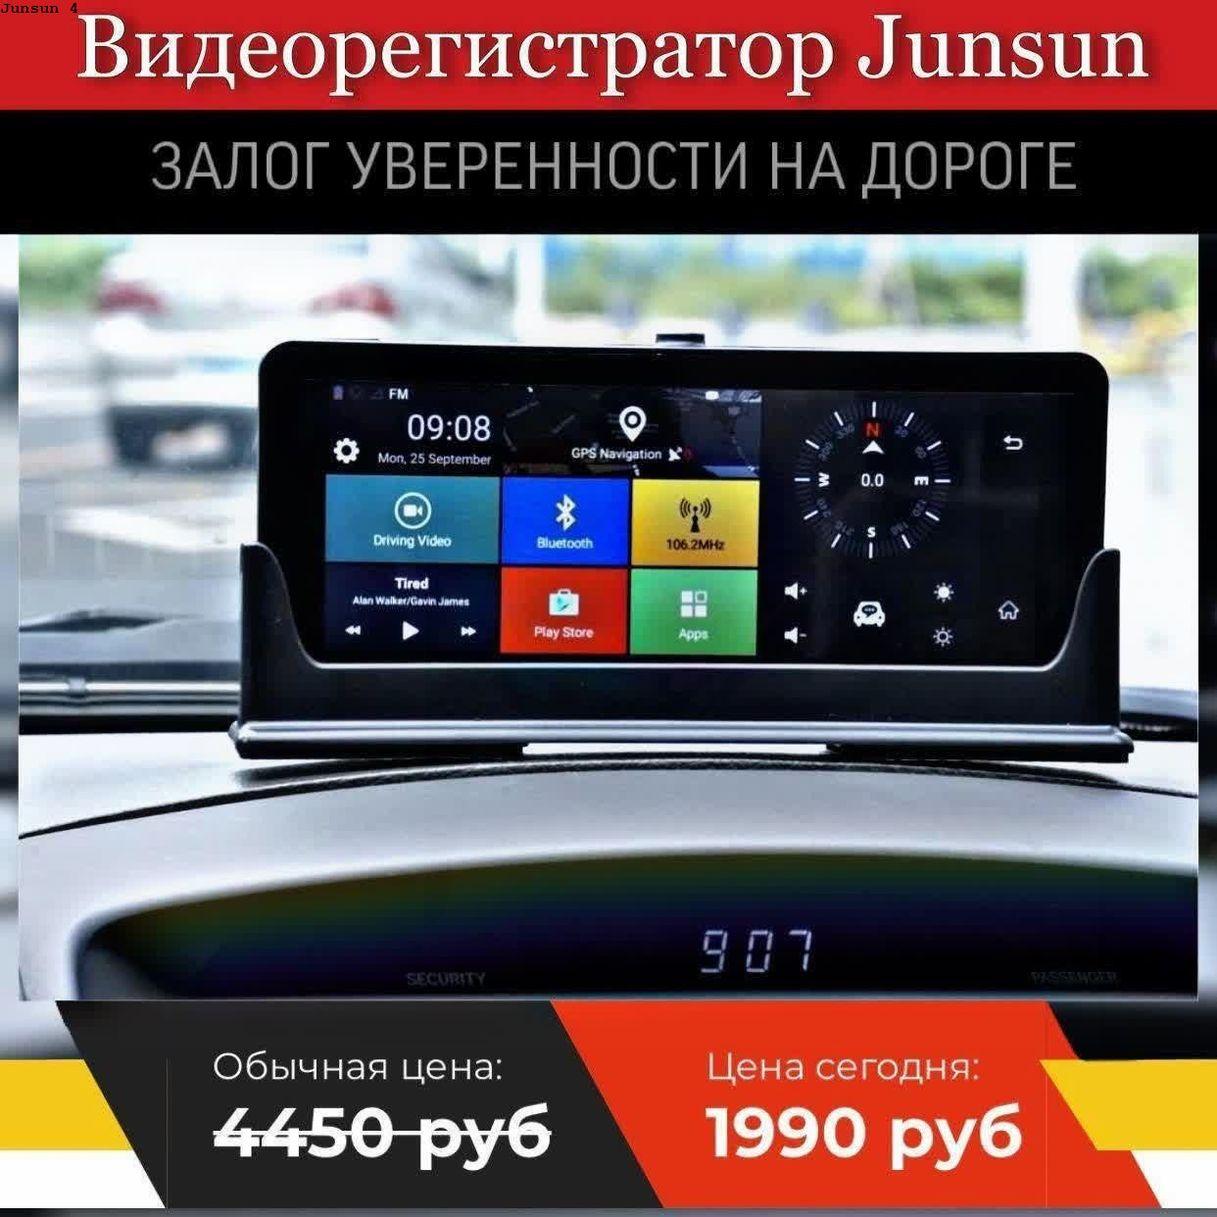 Отзывы реальных покупателей о Junsun - видеорегистраторе c GPS навигатором и камерой заднего вида